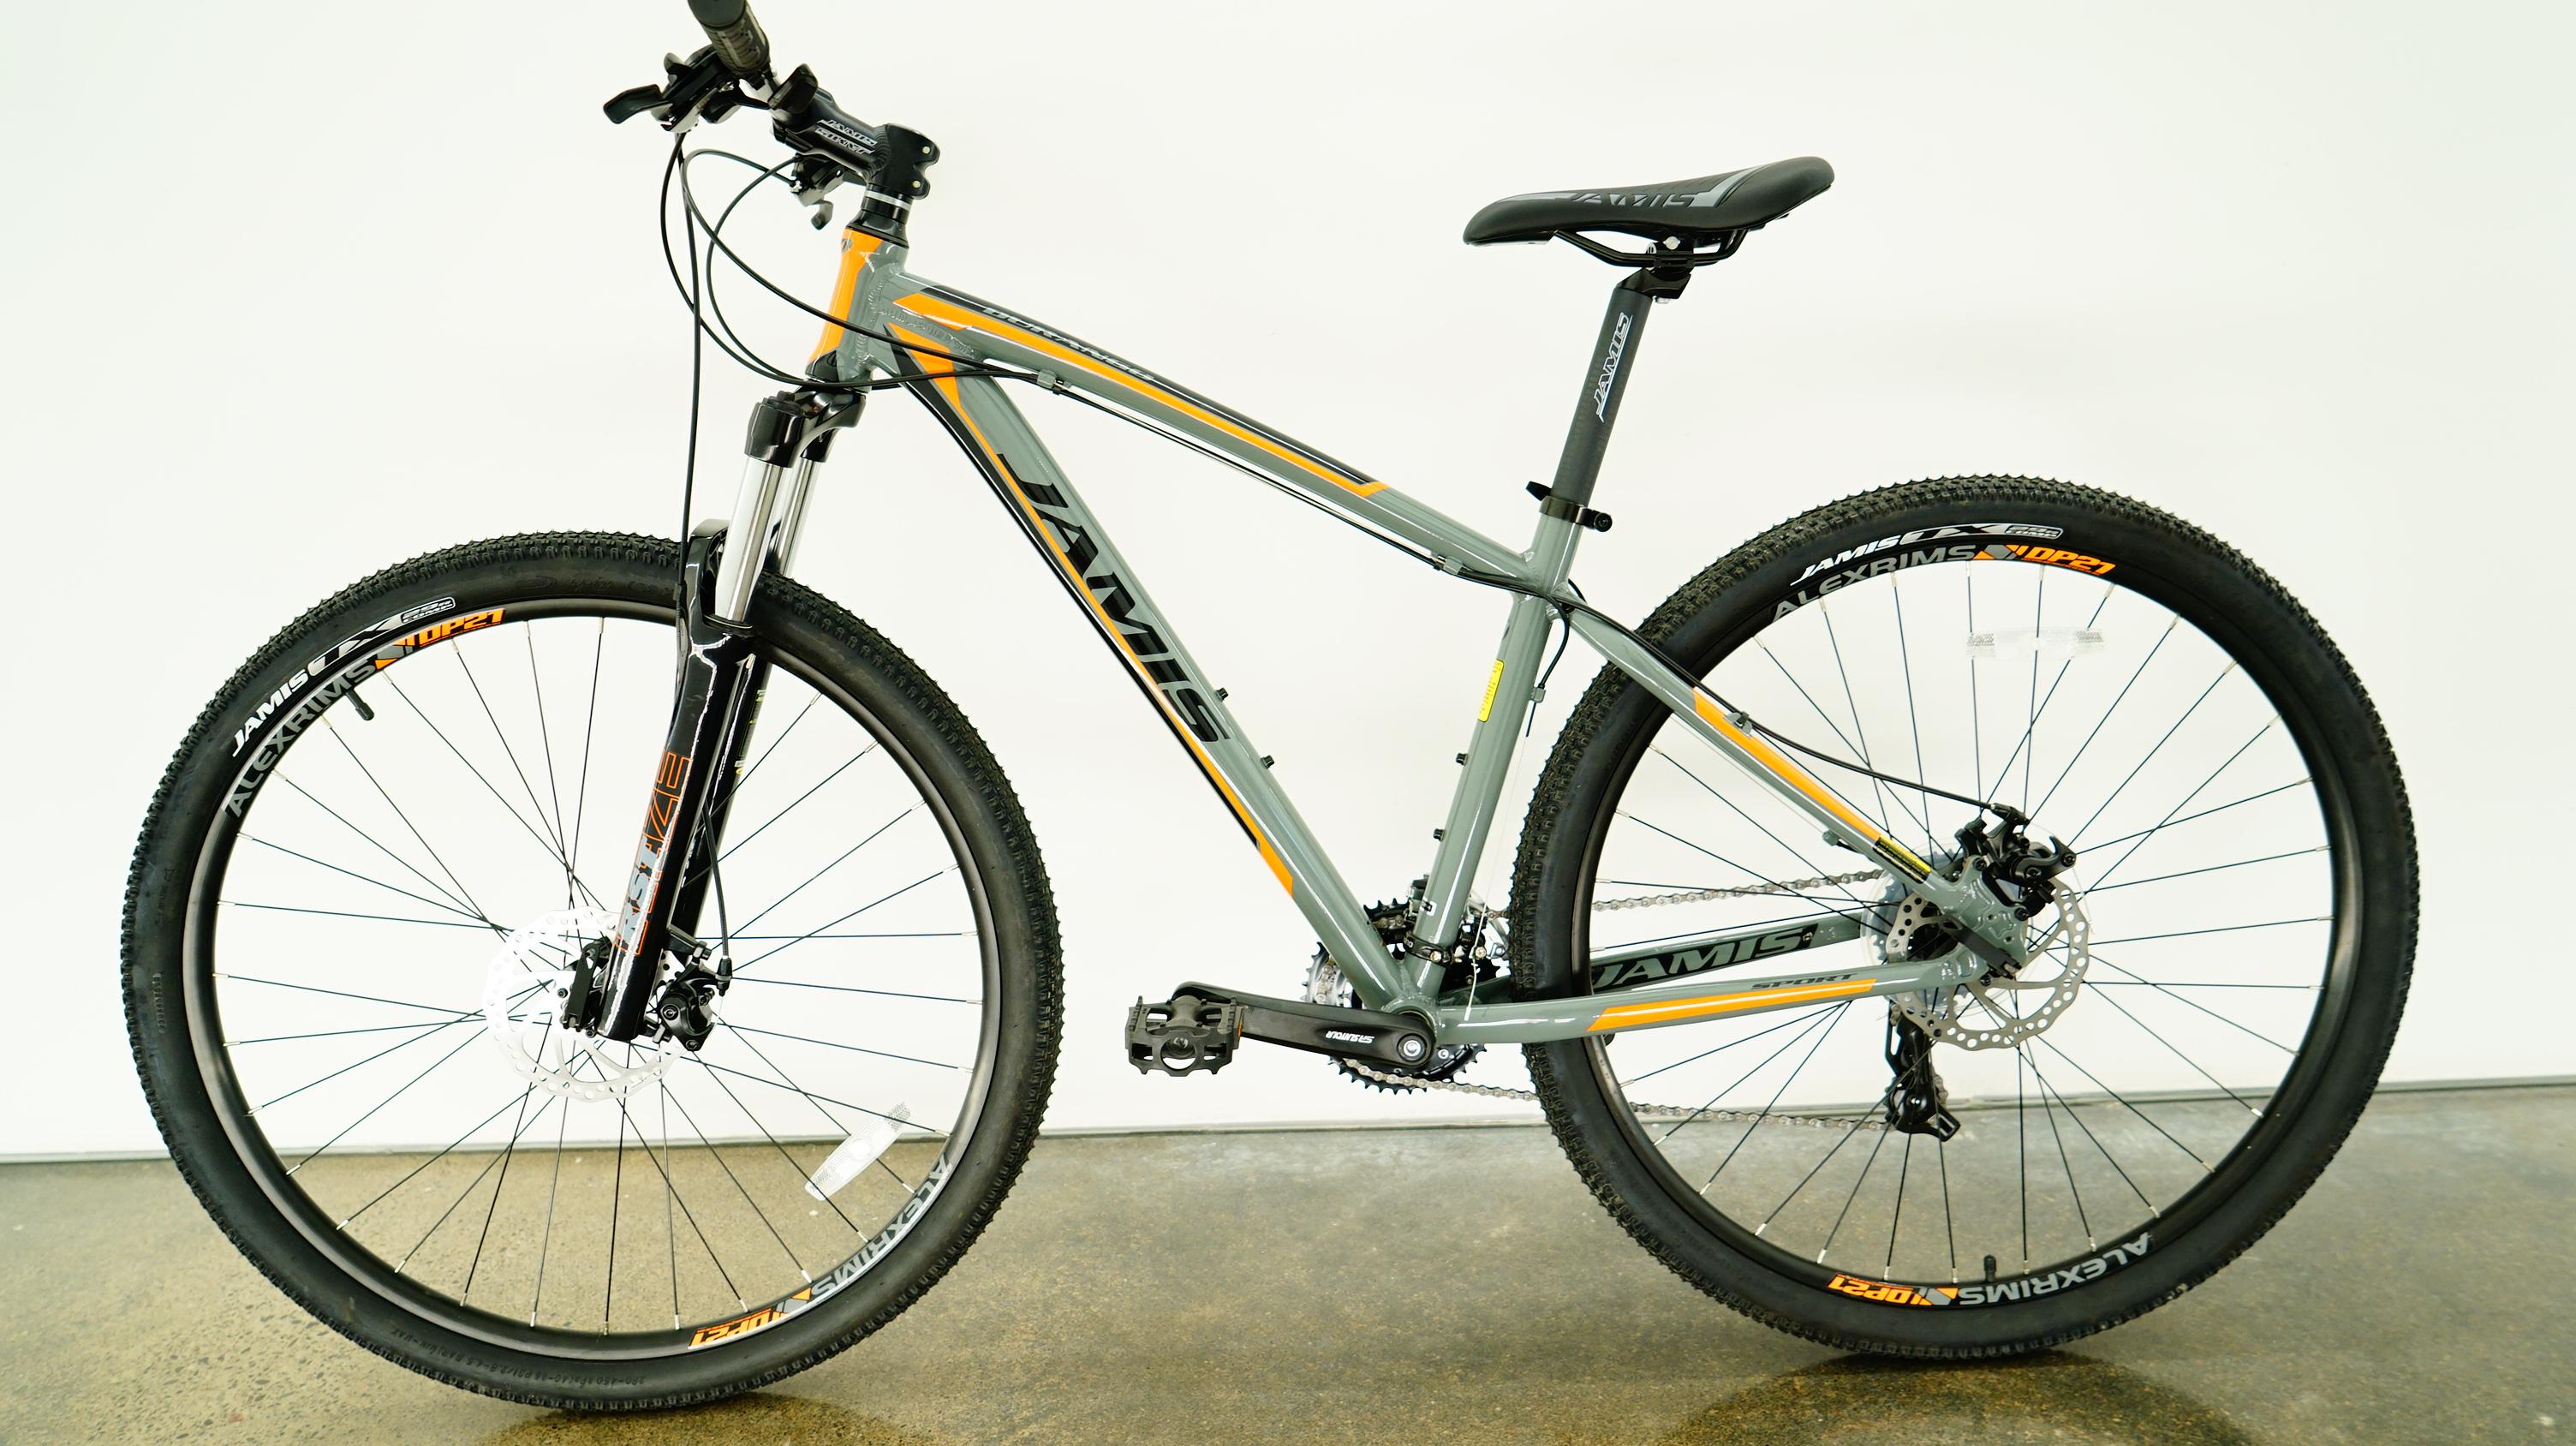 Велосипед jamis durango, спортивные товары, велоспорт, велосипеды, красноярск